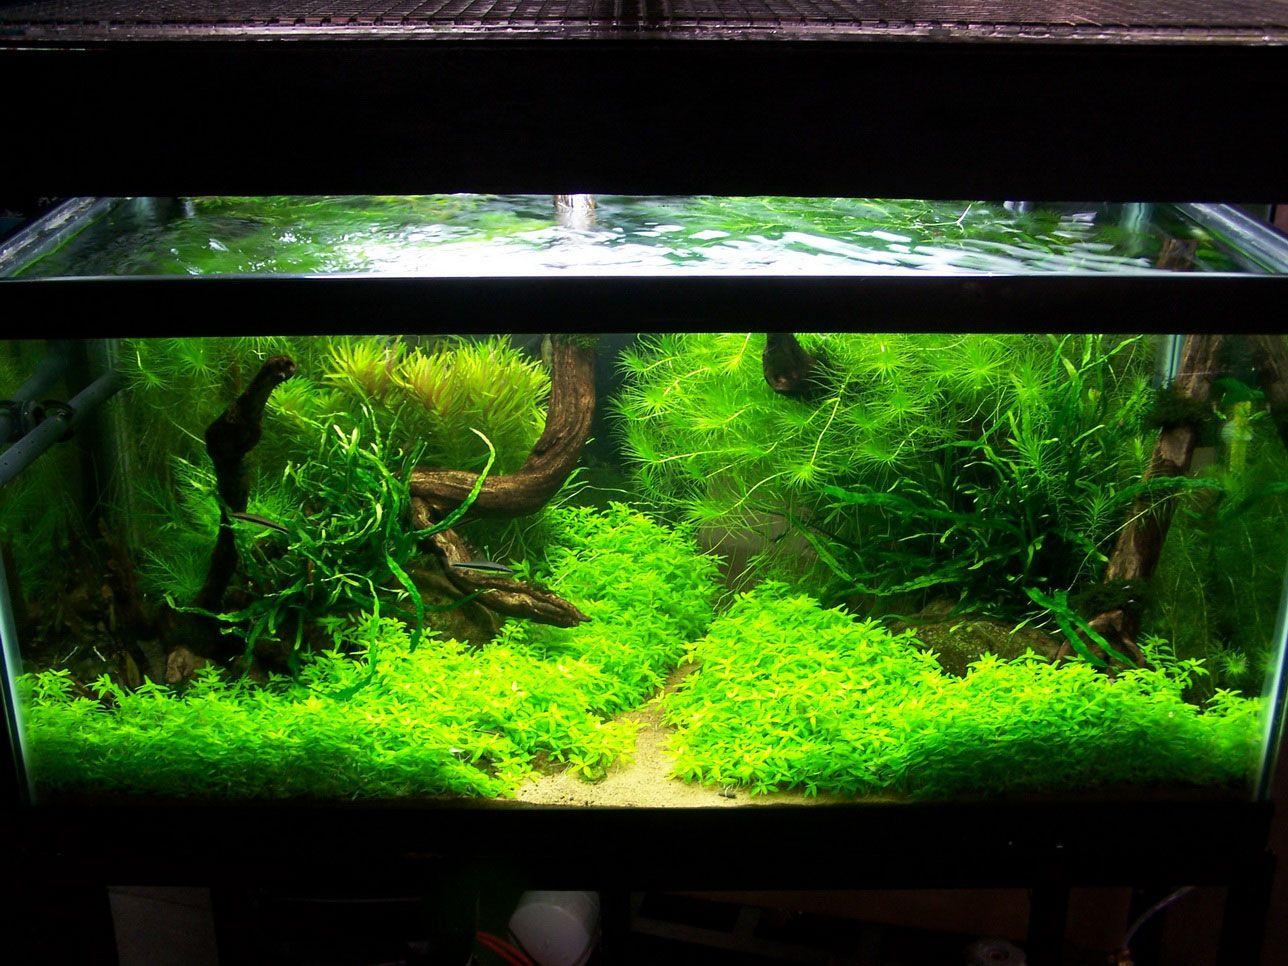 special design aquascapes aquarium 1 288—966 pixels